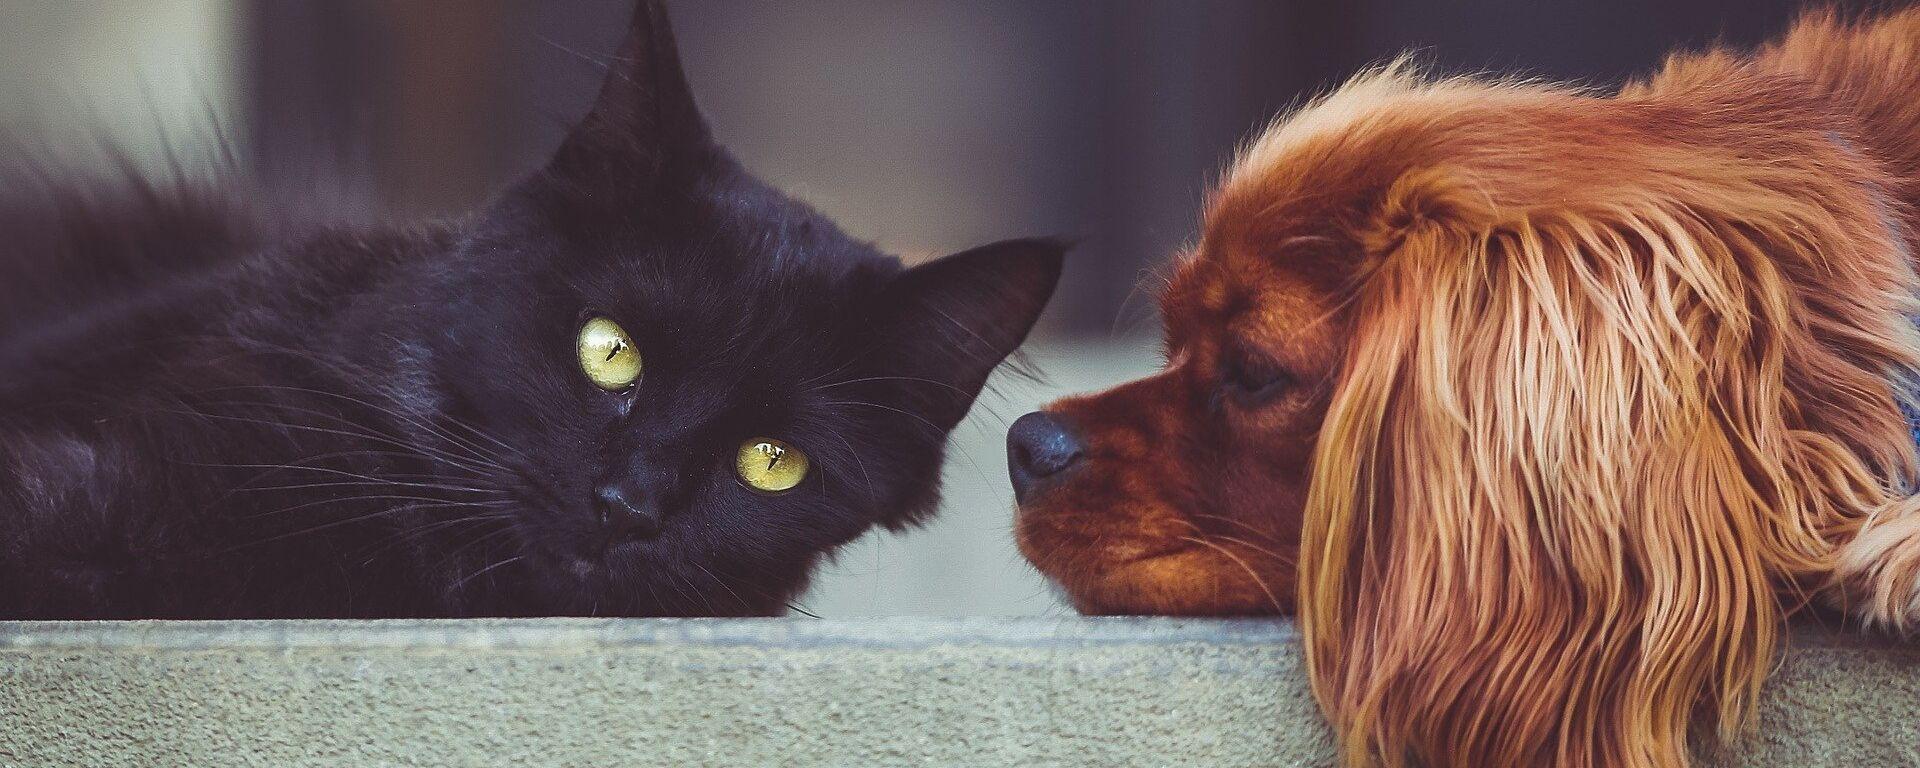 Un gato y un perro - Sputnik Mundo, 1920, 31.12.2020